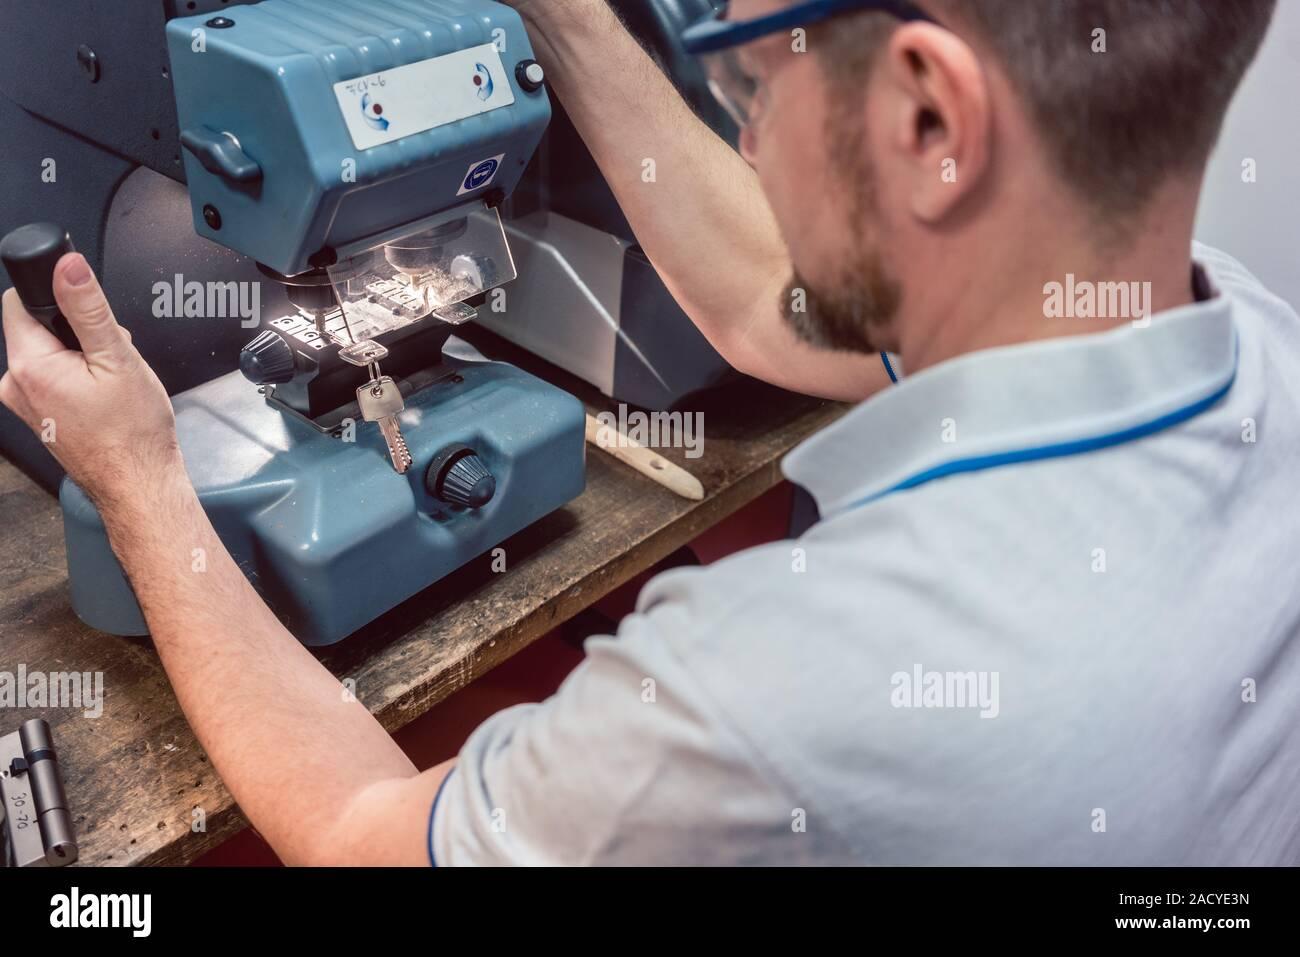 Schlosser schneiden Schlüssel mit seiner Maschine Stockfoto